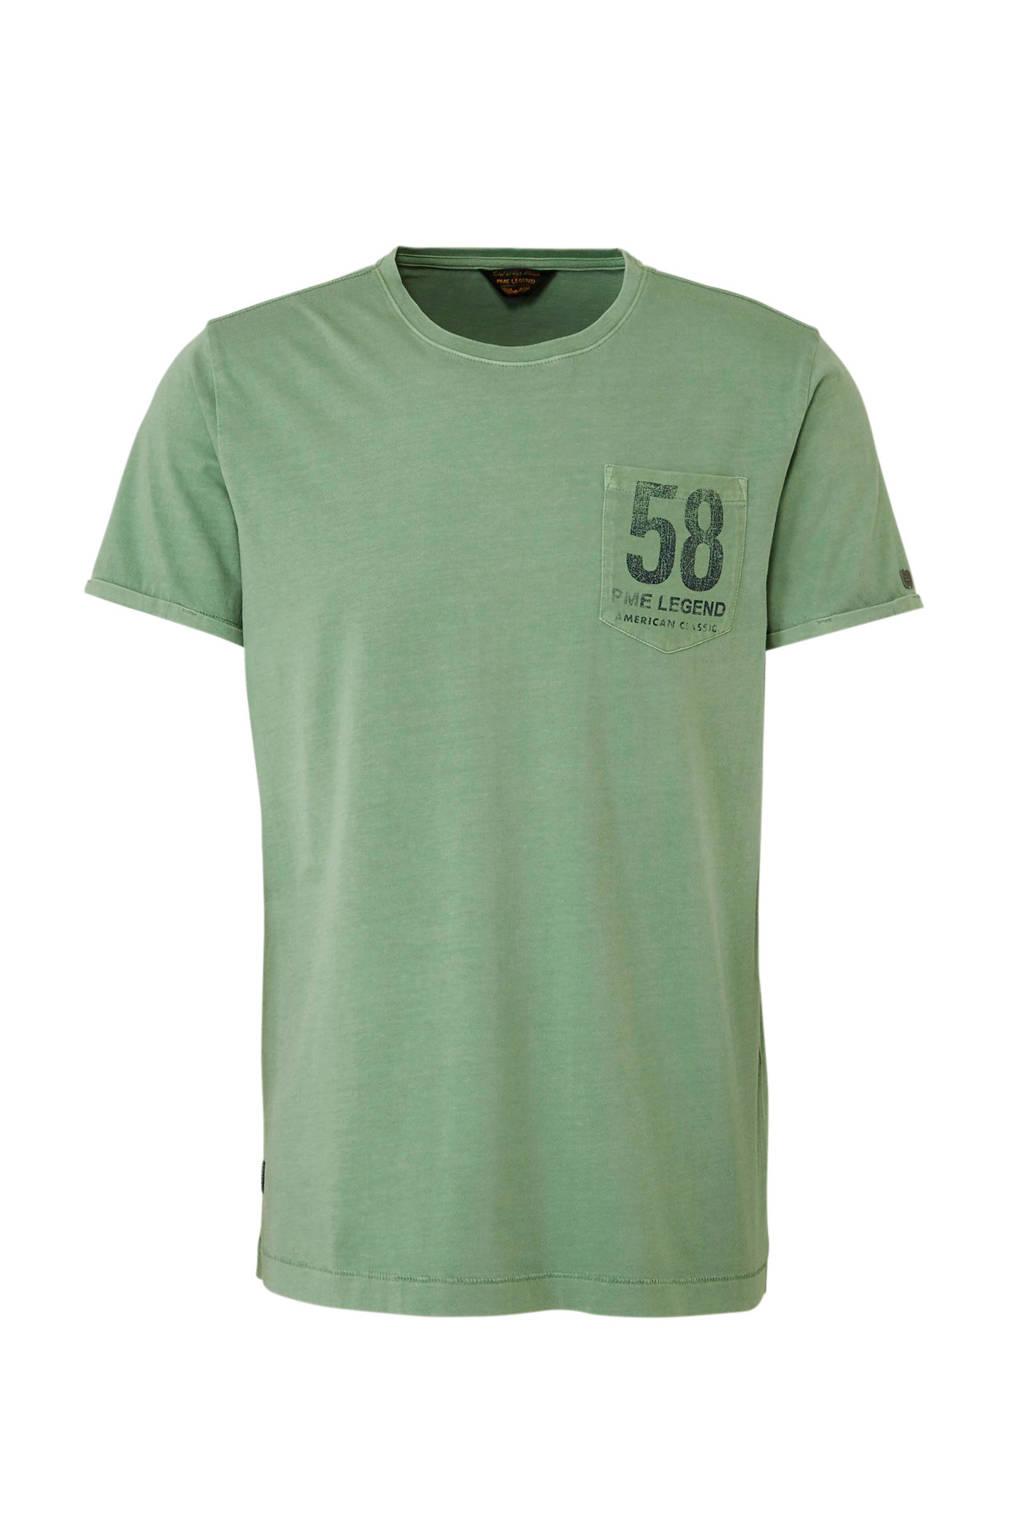 PME Legend  Pigment GD T-shirt groen, Groen